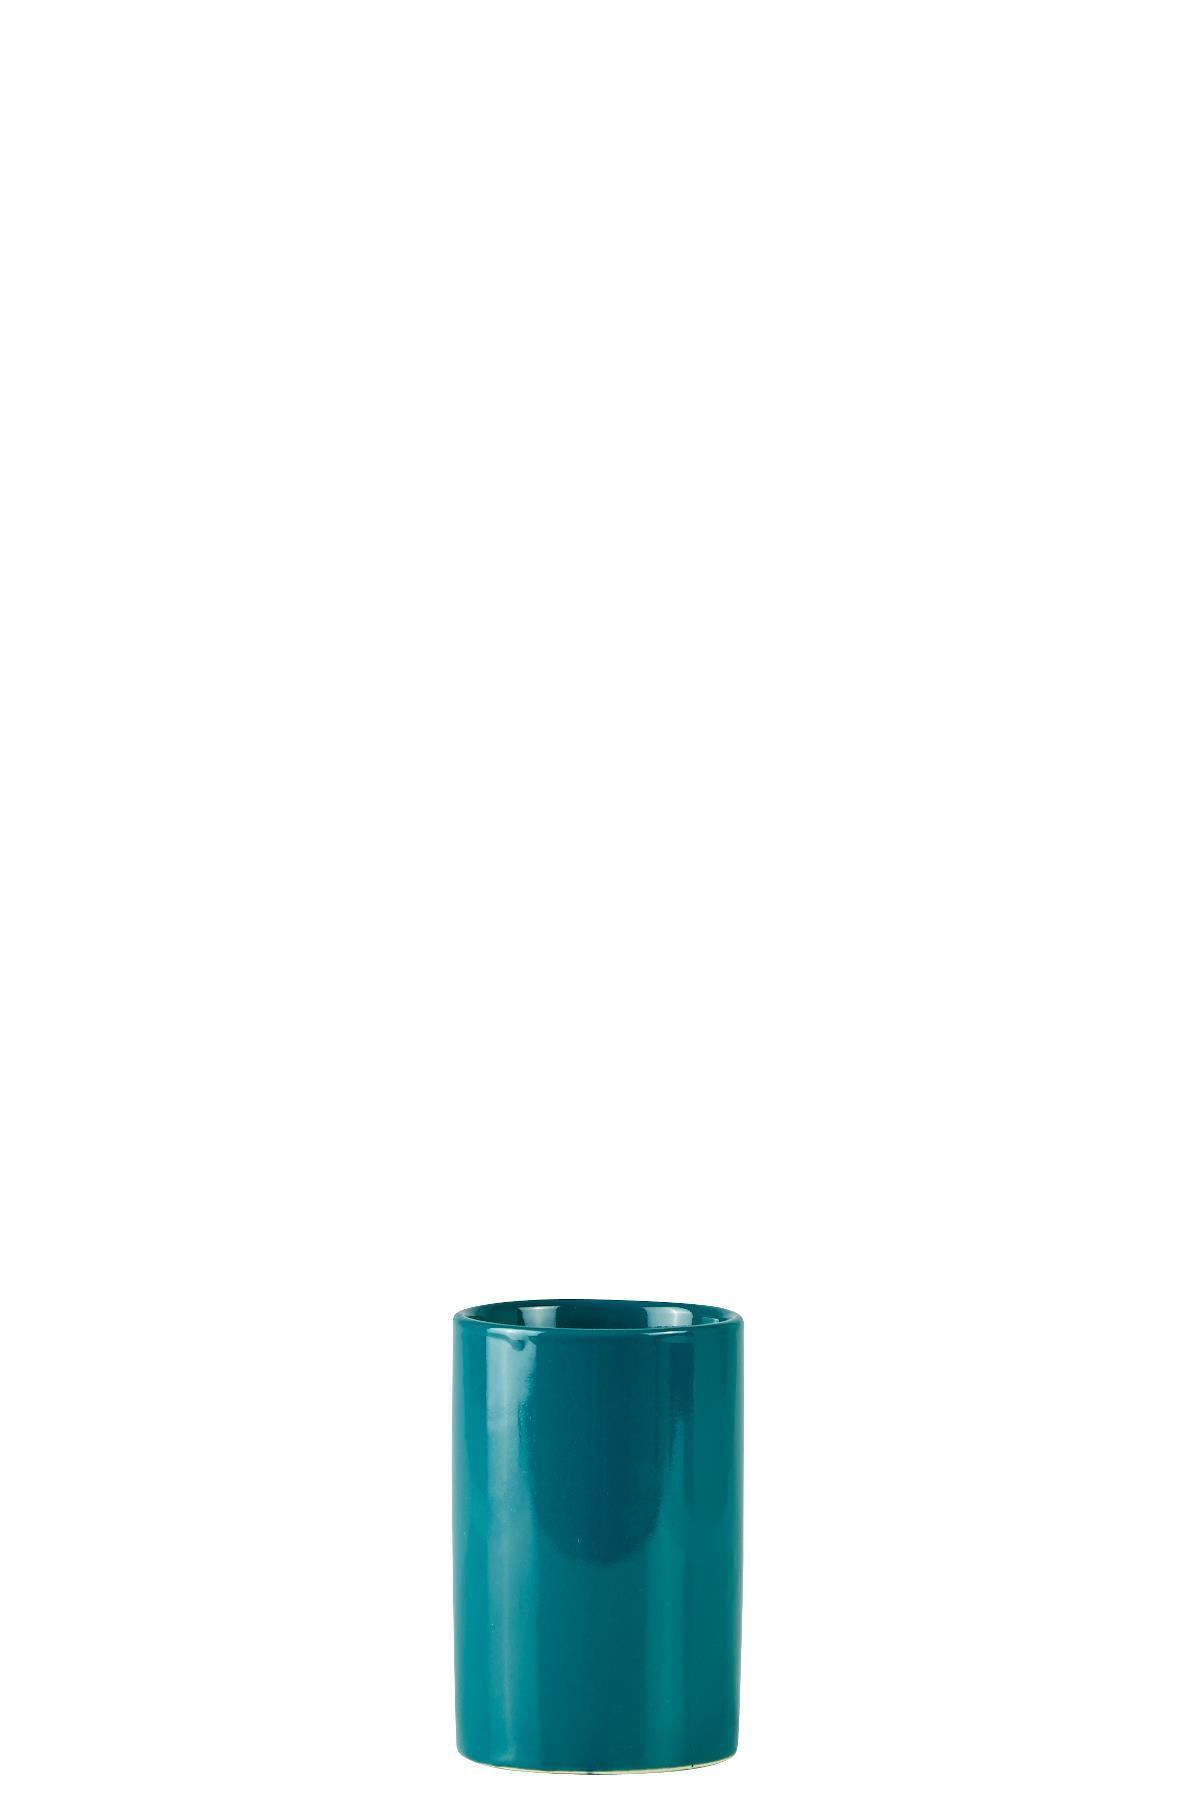 Pahar pentru periuta de dinti din ceramica, 250 ml, Kj-Petrol din categoria Accesorii Baie